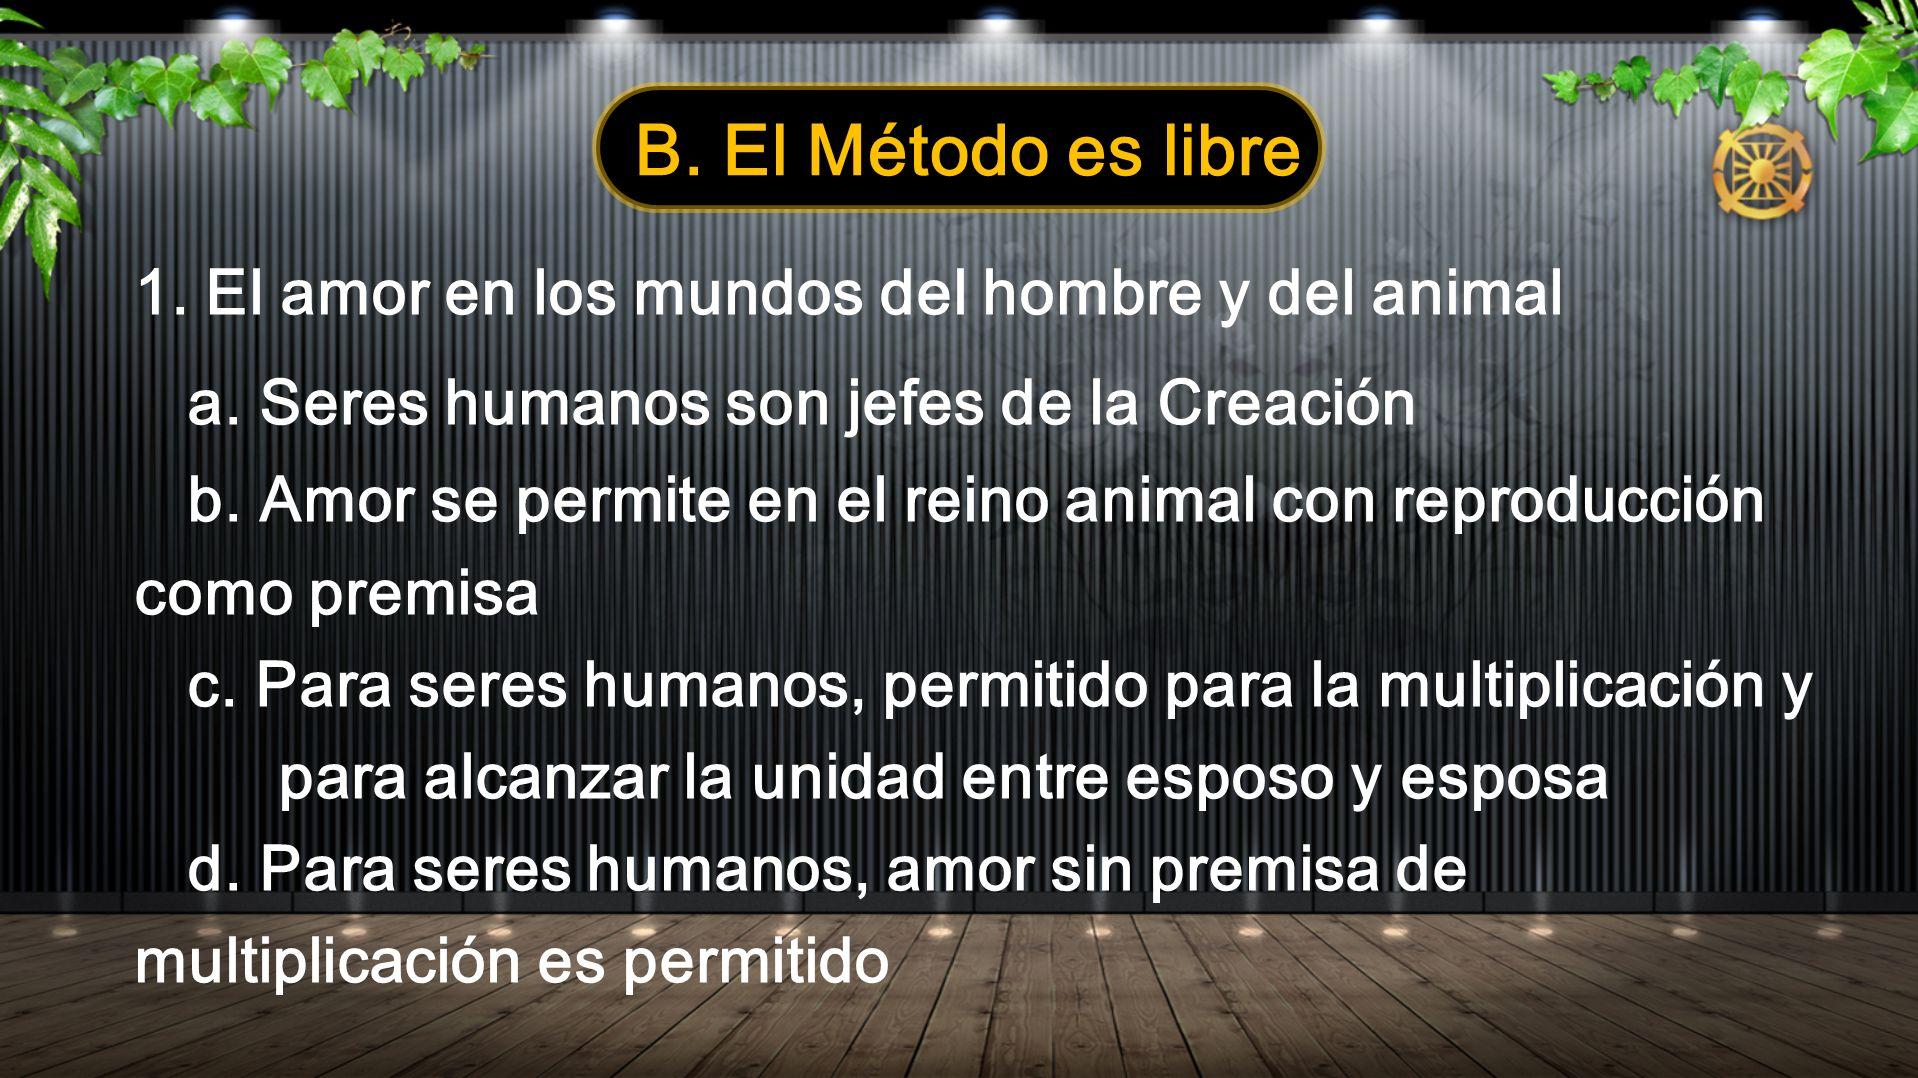 B. El Método es libre 1. El amor en los mundos del hombre y del animal a. Seres humanos son jefes de la Creación b. Amor se permite en el reino animal